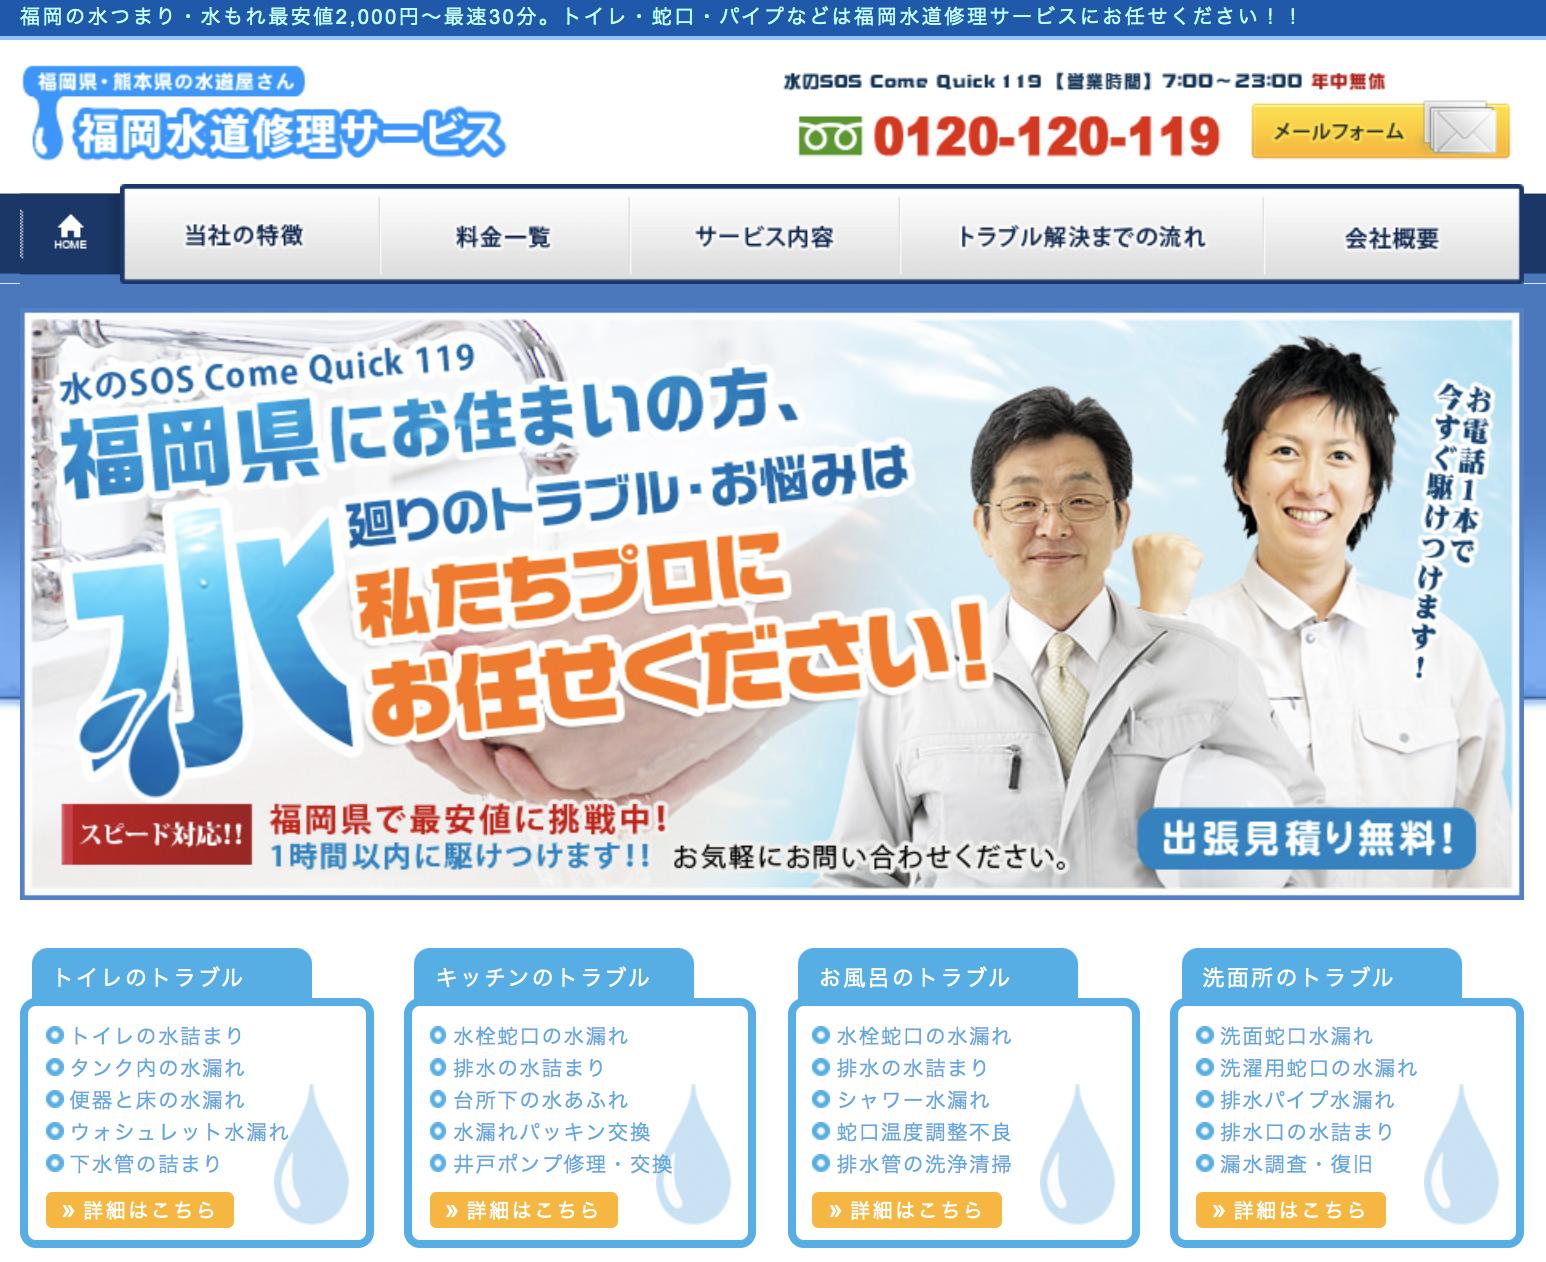 福岡水道修理サービス